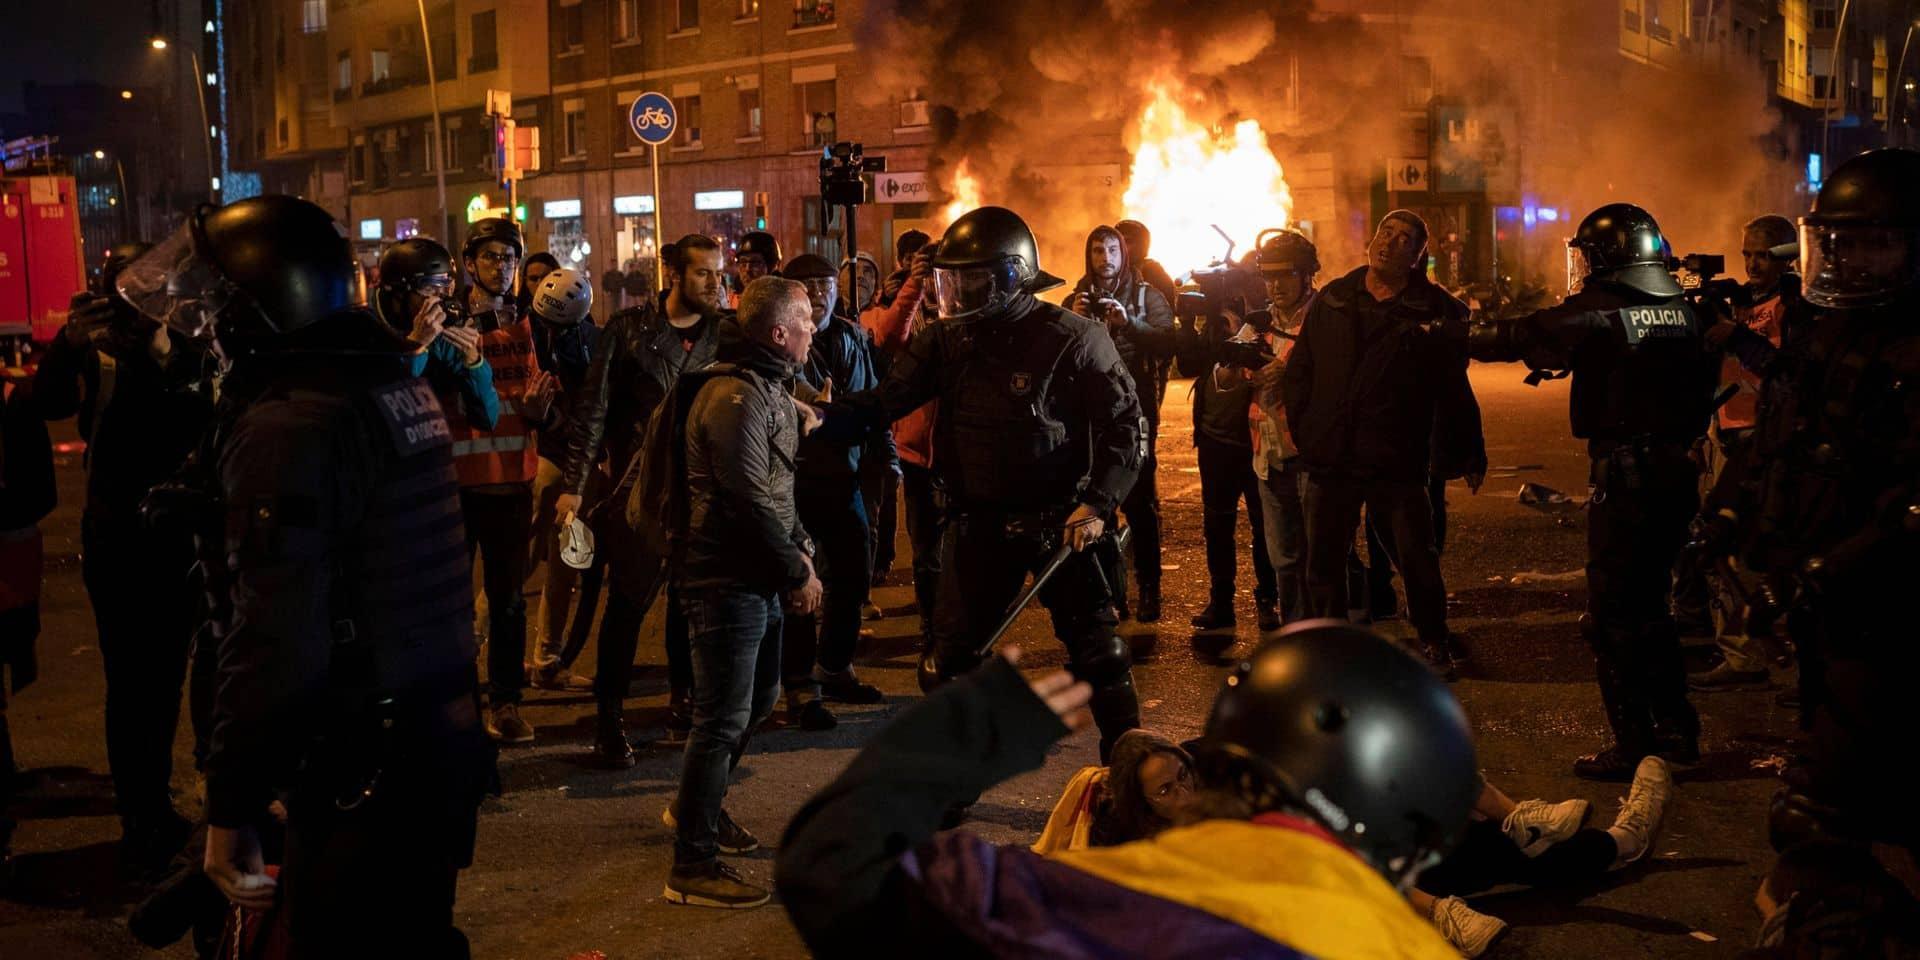 """Barcelone ciblée par des manifestations: un clasico contre le Real à """"haut risque"""", la police charge des indépendantistes qui enflamment une barricade"""